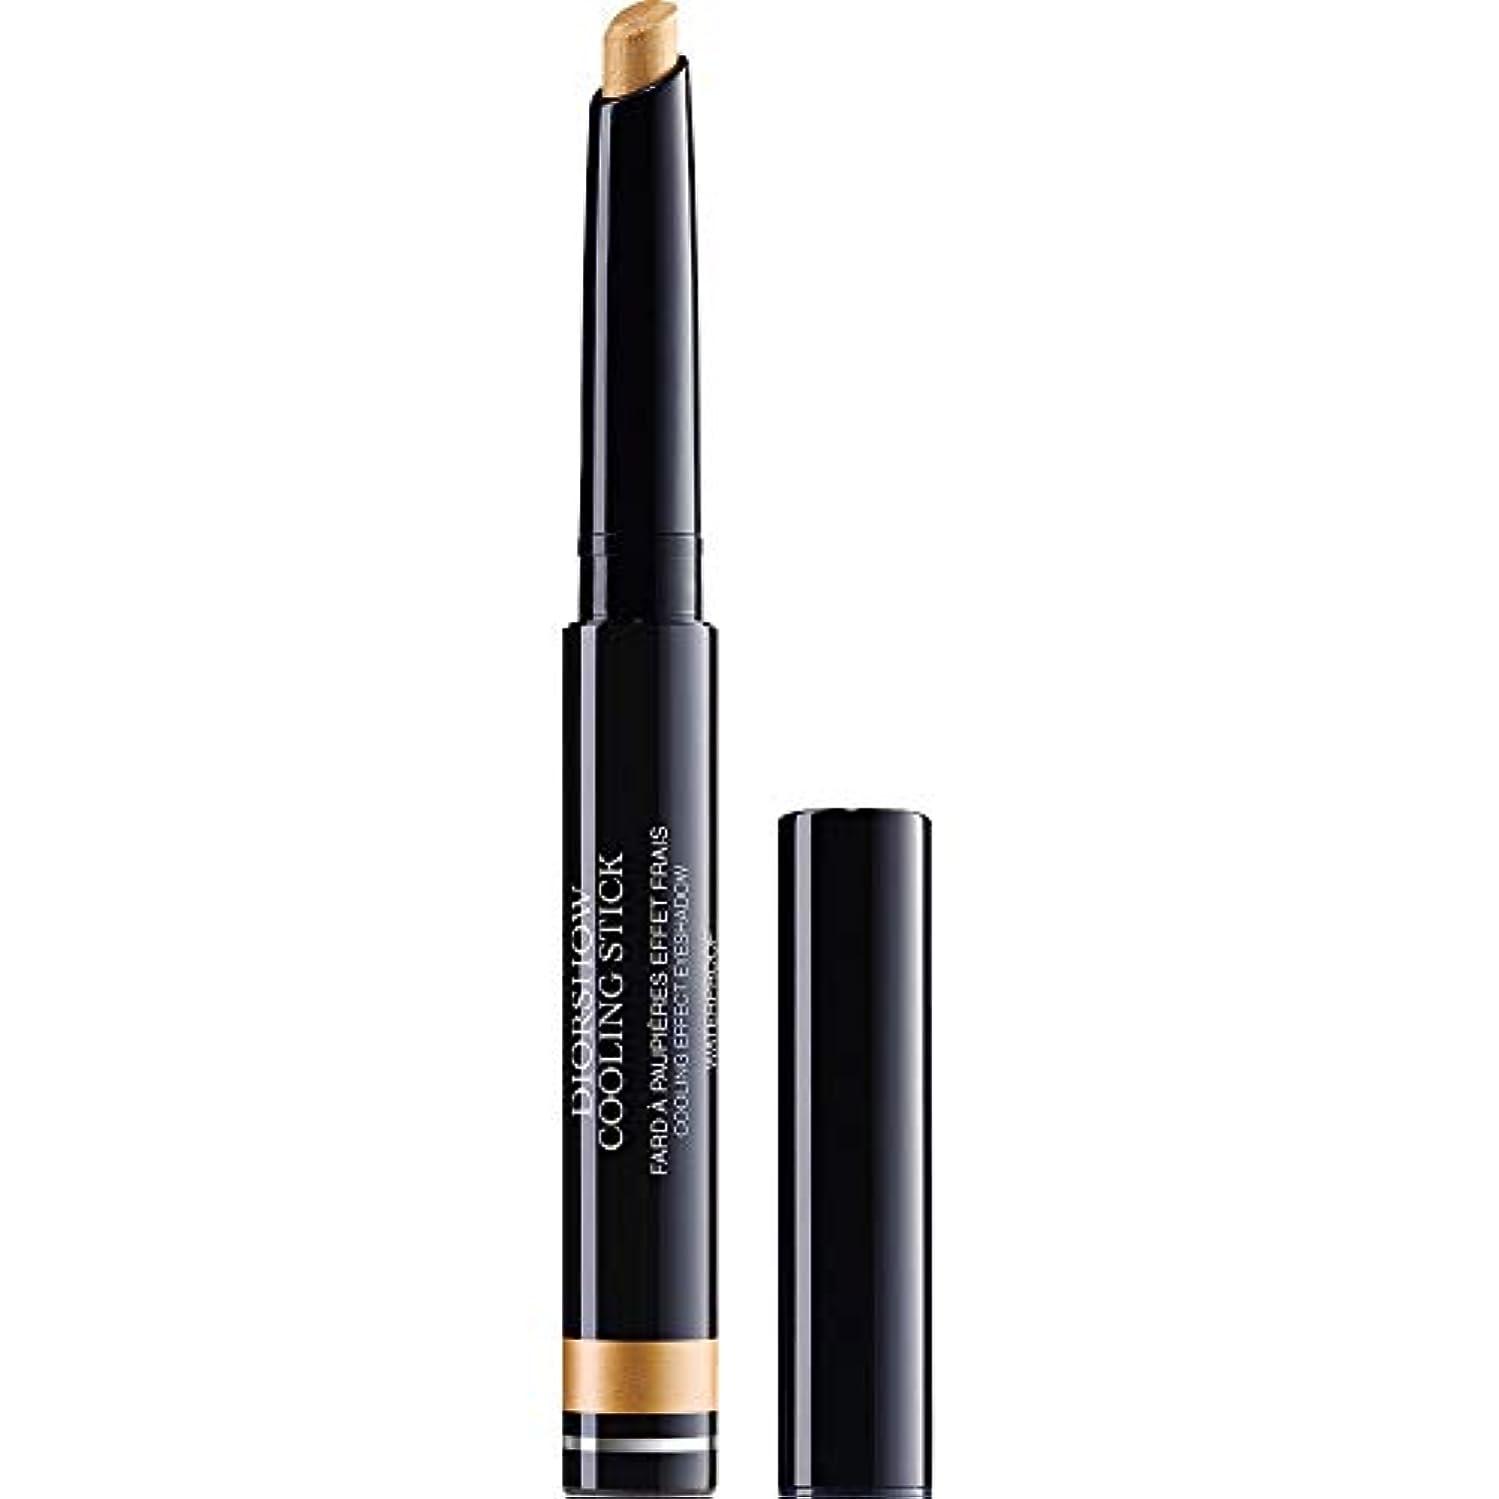 受け継ぐ泳ぐファランクス[Dior ] ディオールDiorshow冷却スティックアイシャドウ1.6グラム002 - 金スプラッシュ - DIOR Diorshow Cooling Stick Eyeshadow 1.6g 002 - Gold...